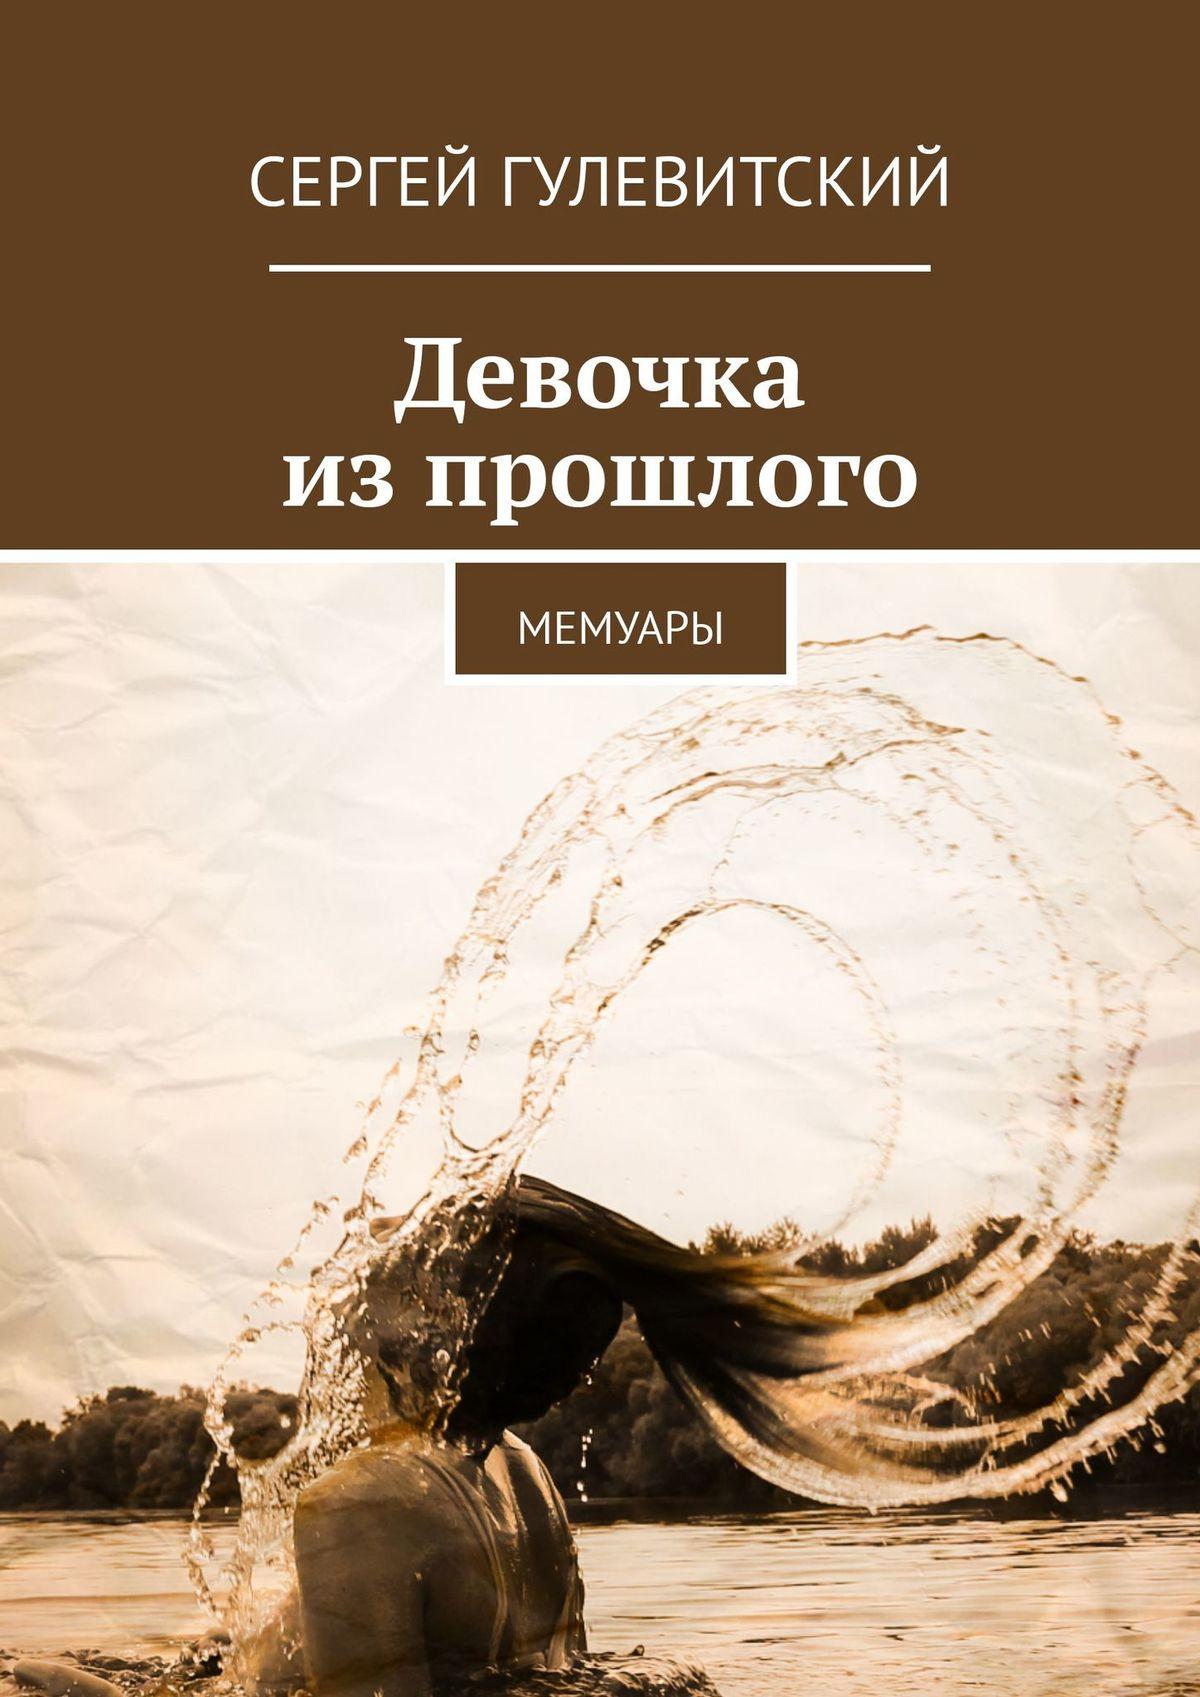 Гулевитский Девочка изпрошлого. Мемуары автор не указан александр кайдановский в воспоминаниях и фотографиях